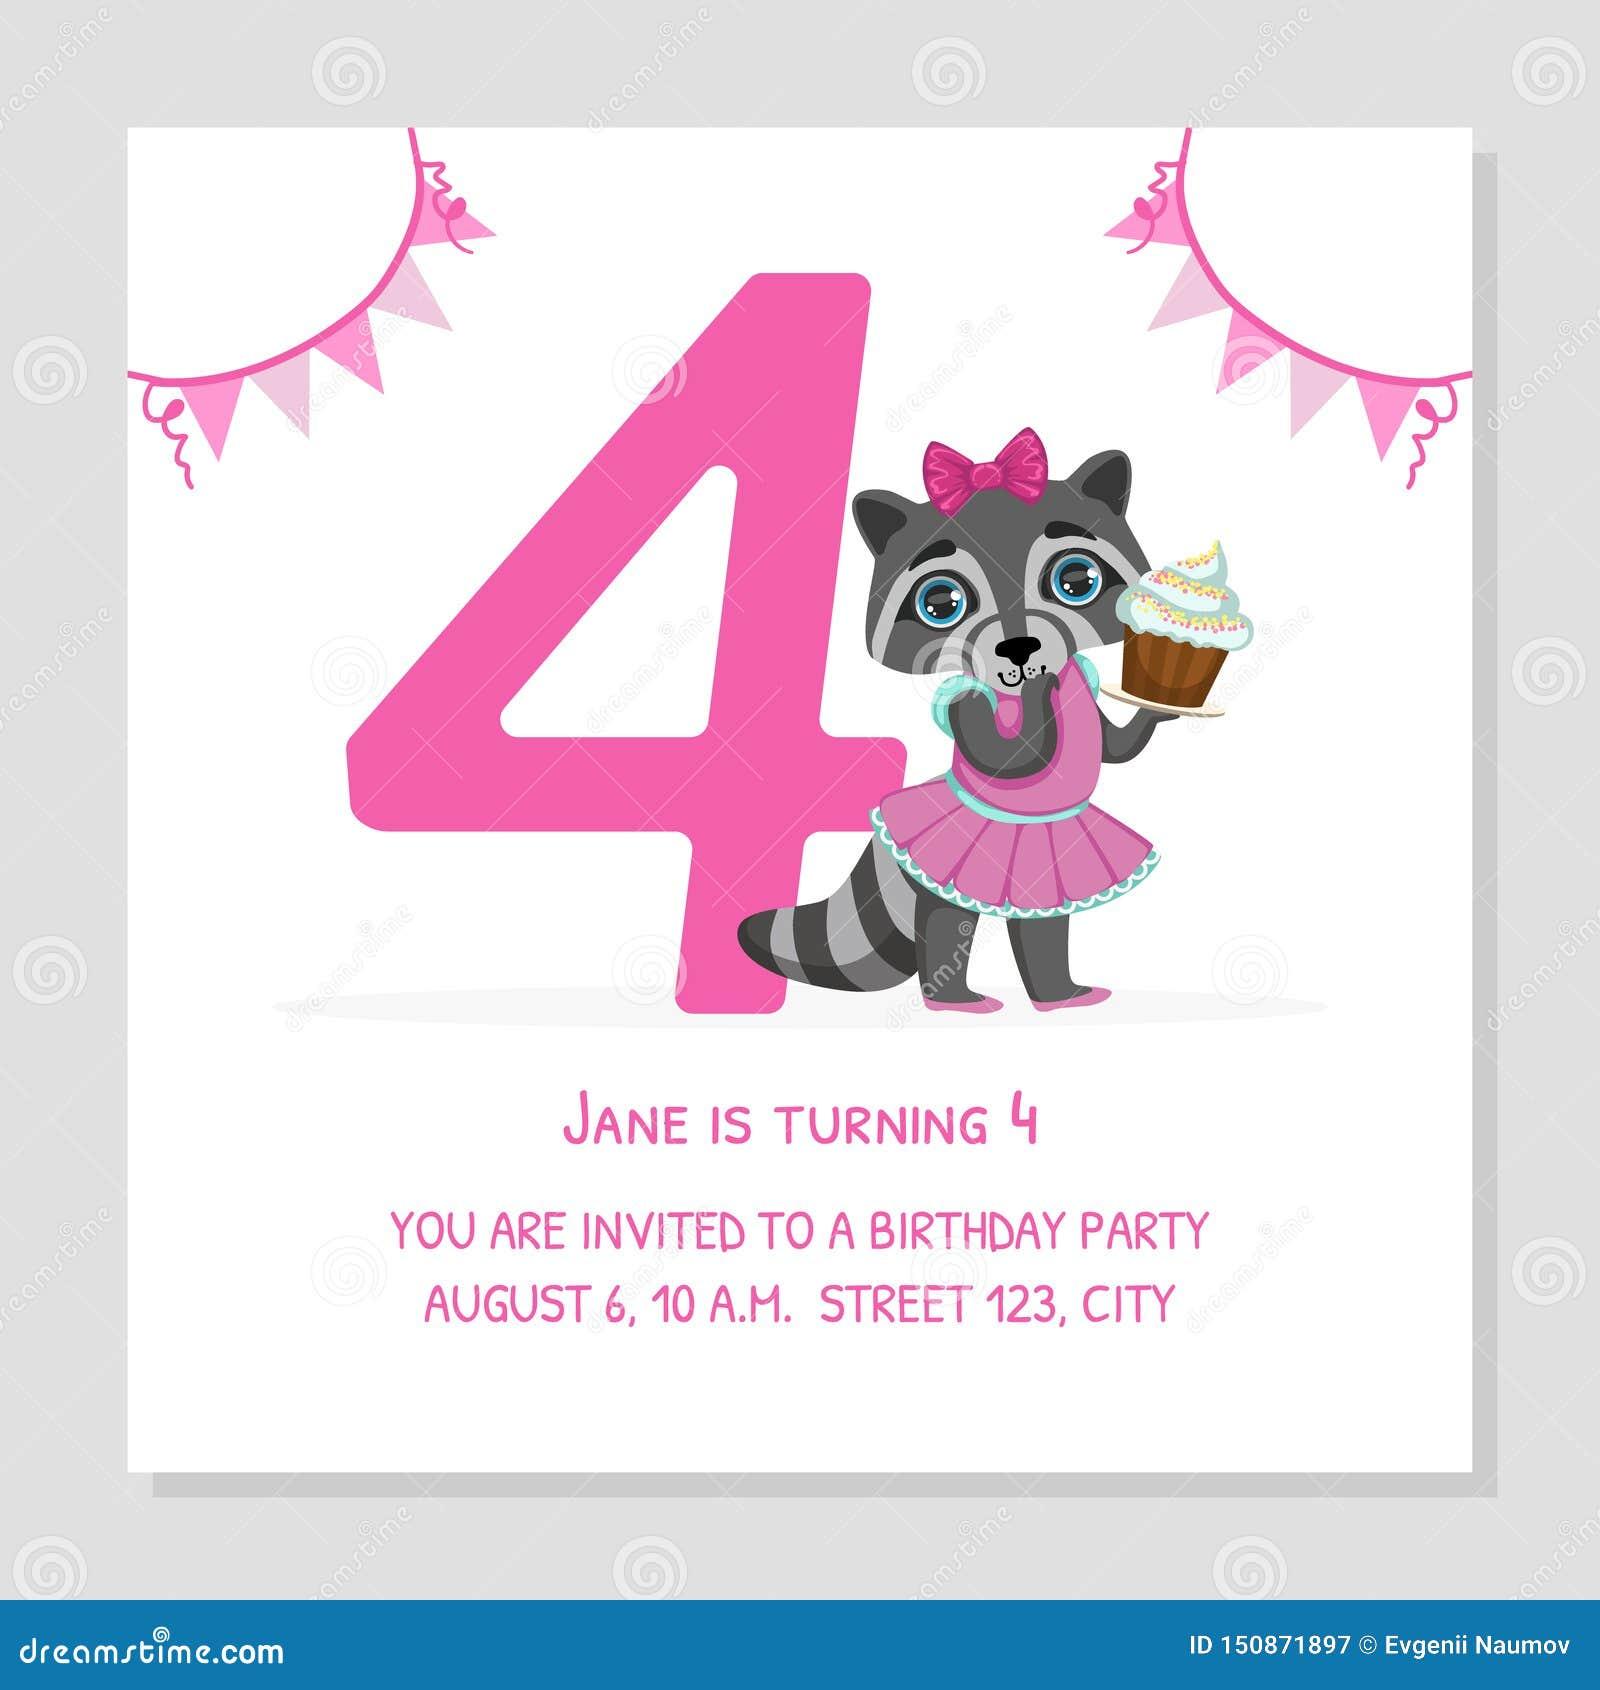 Mercredi 13 mai Joyeux-anniversaire-ans-de-calibre-banni%C3%A8re-nombre-d-avec-l-animal-mignon-fille-raton-laveur-vecteur-f%C3%AAte-lumineux-illustration-150871897